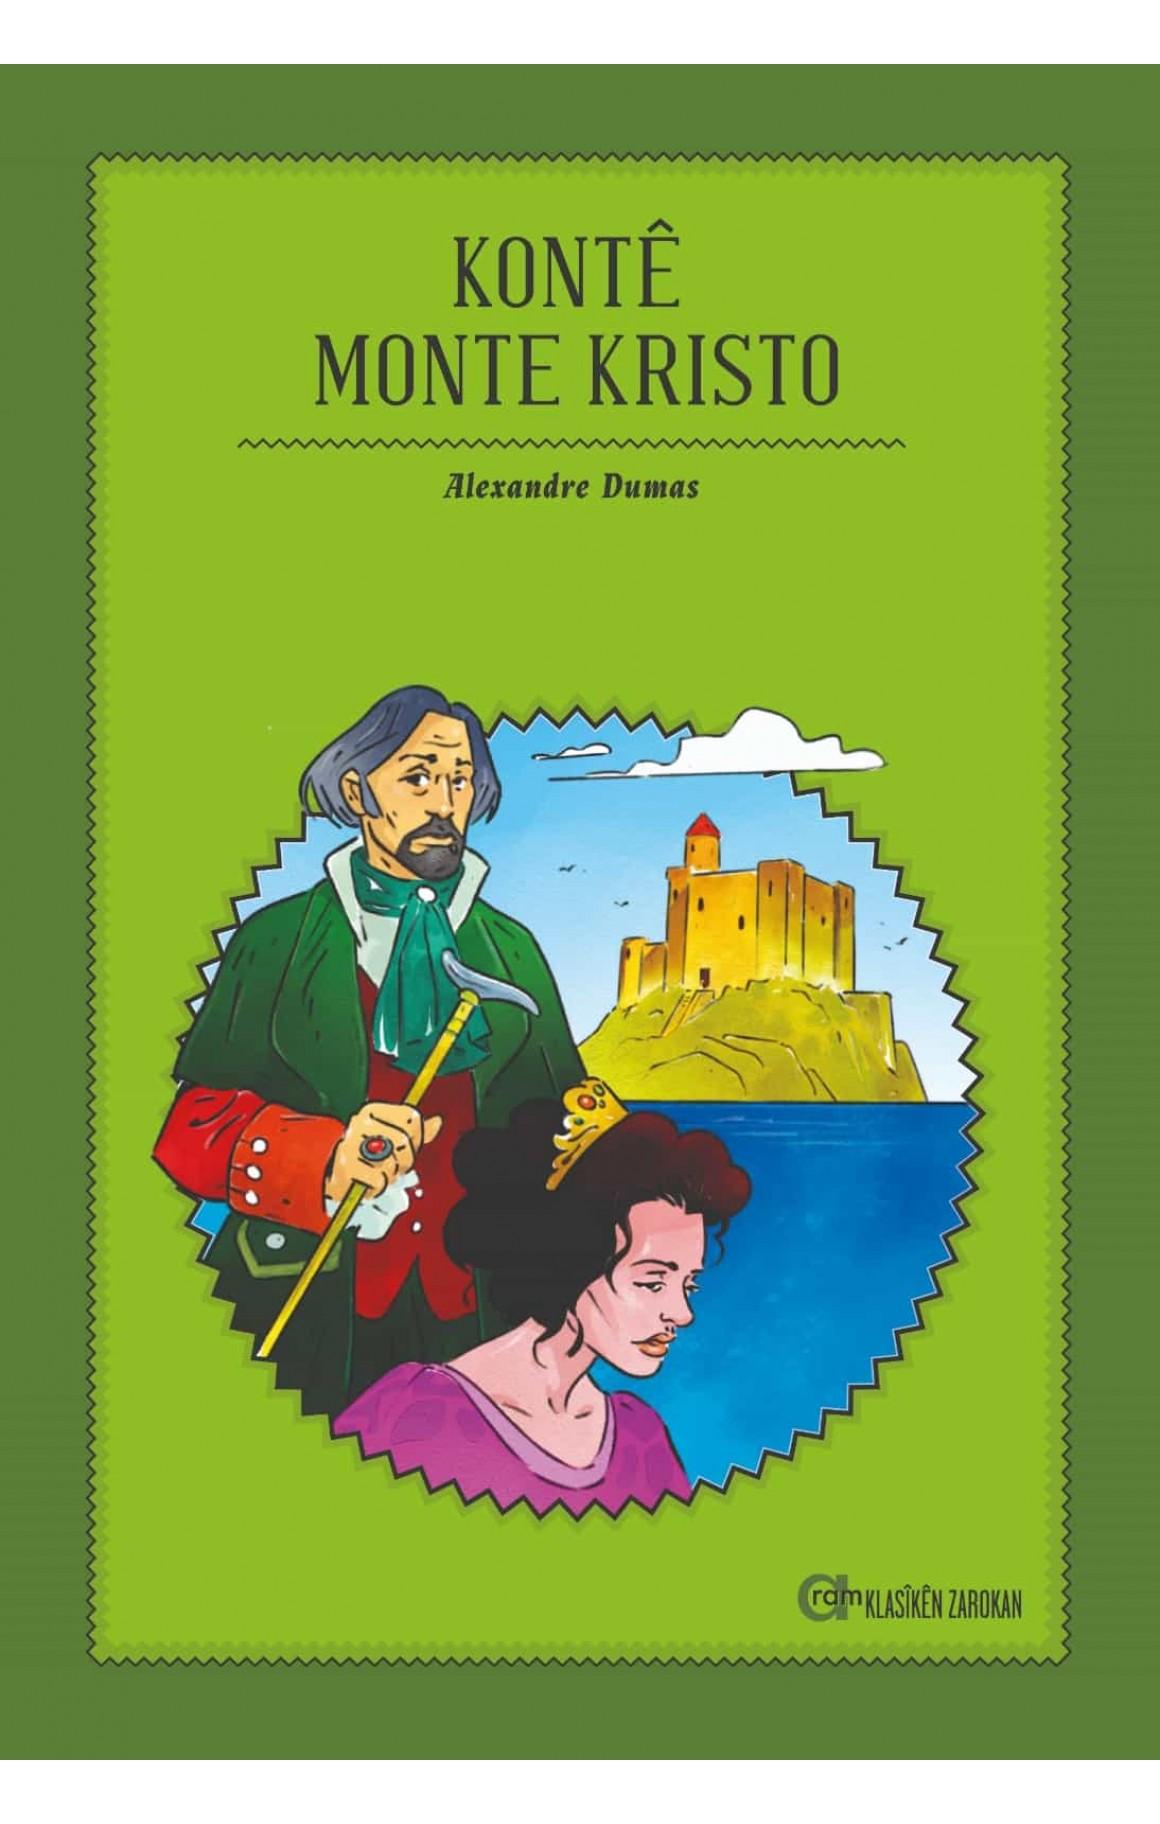 Kontê Monte Kristo